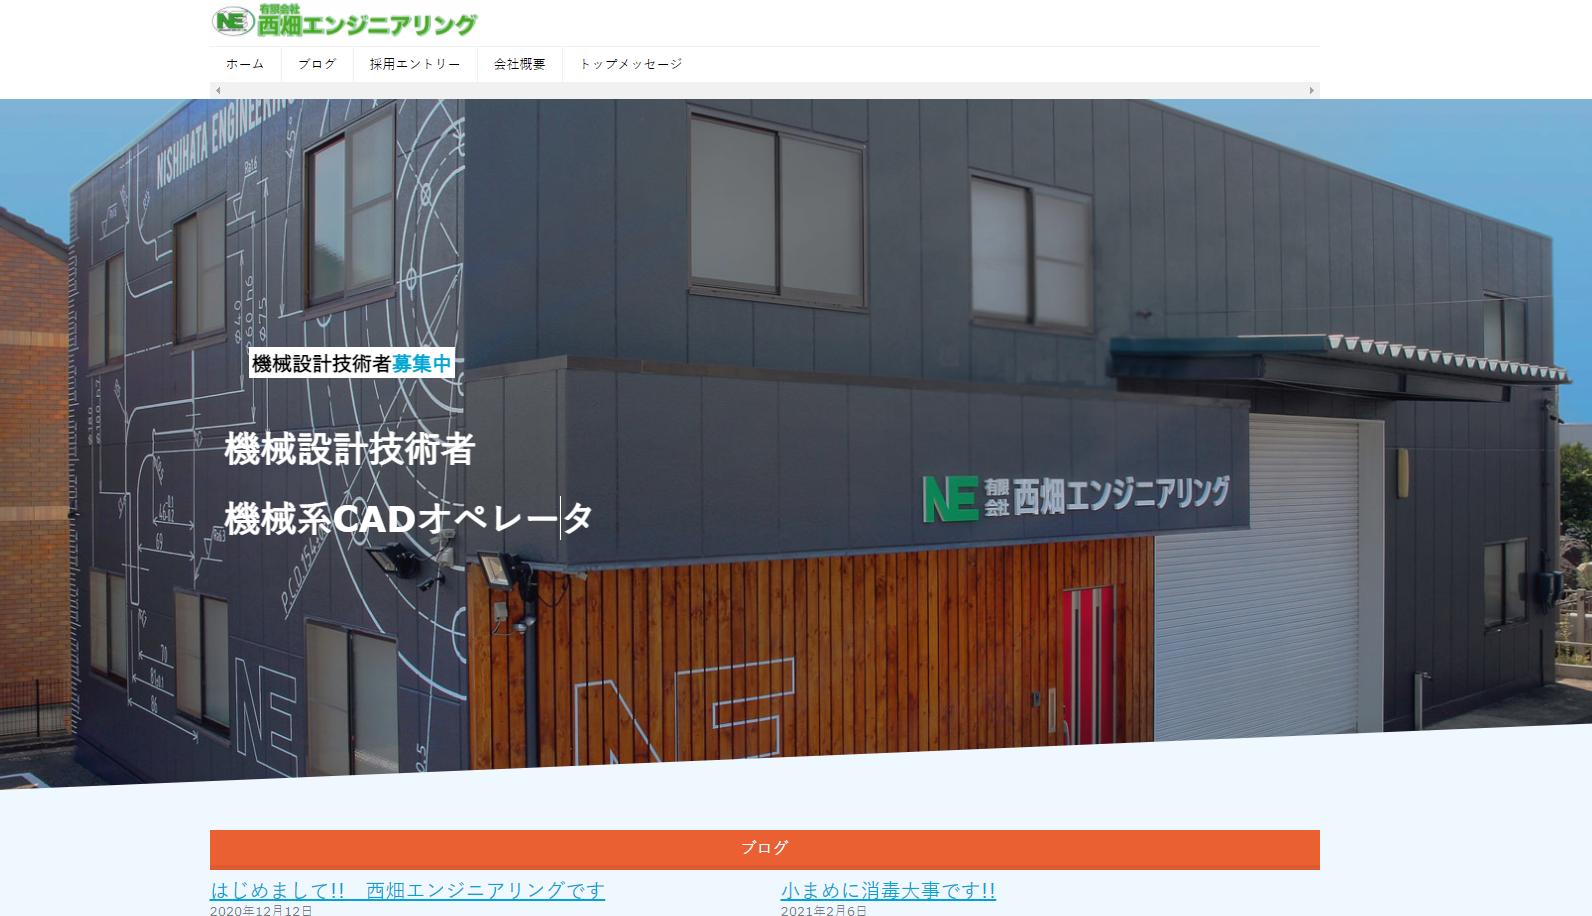 ホームページ制作実績機械設計会社-有限会社西畑エンジニアリング様